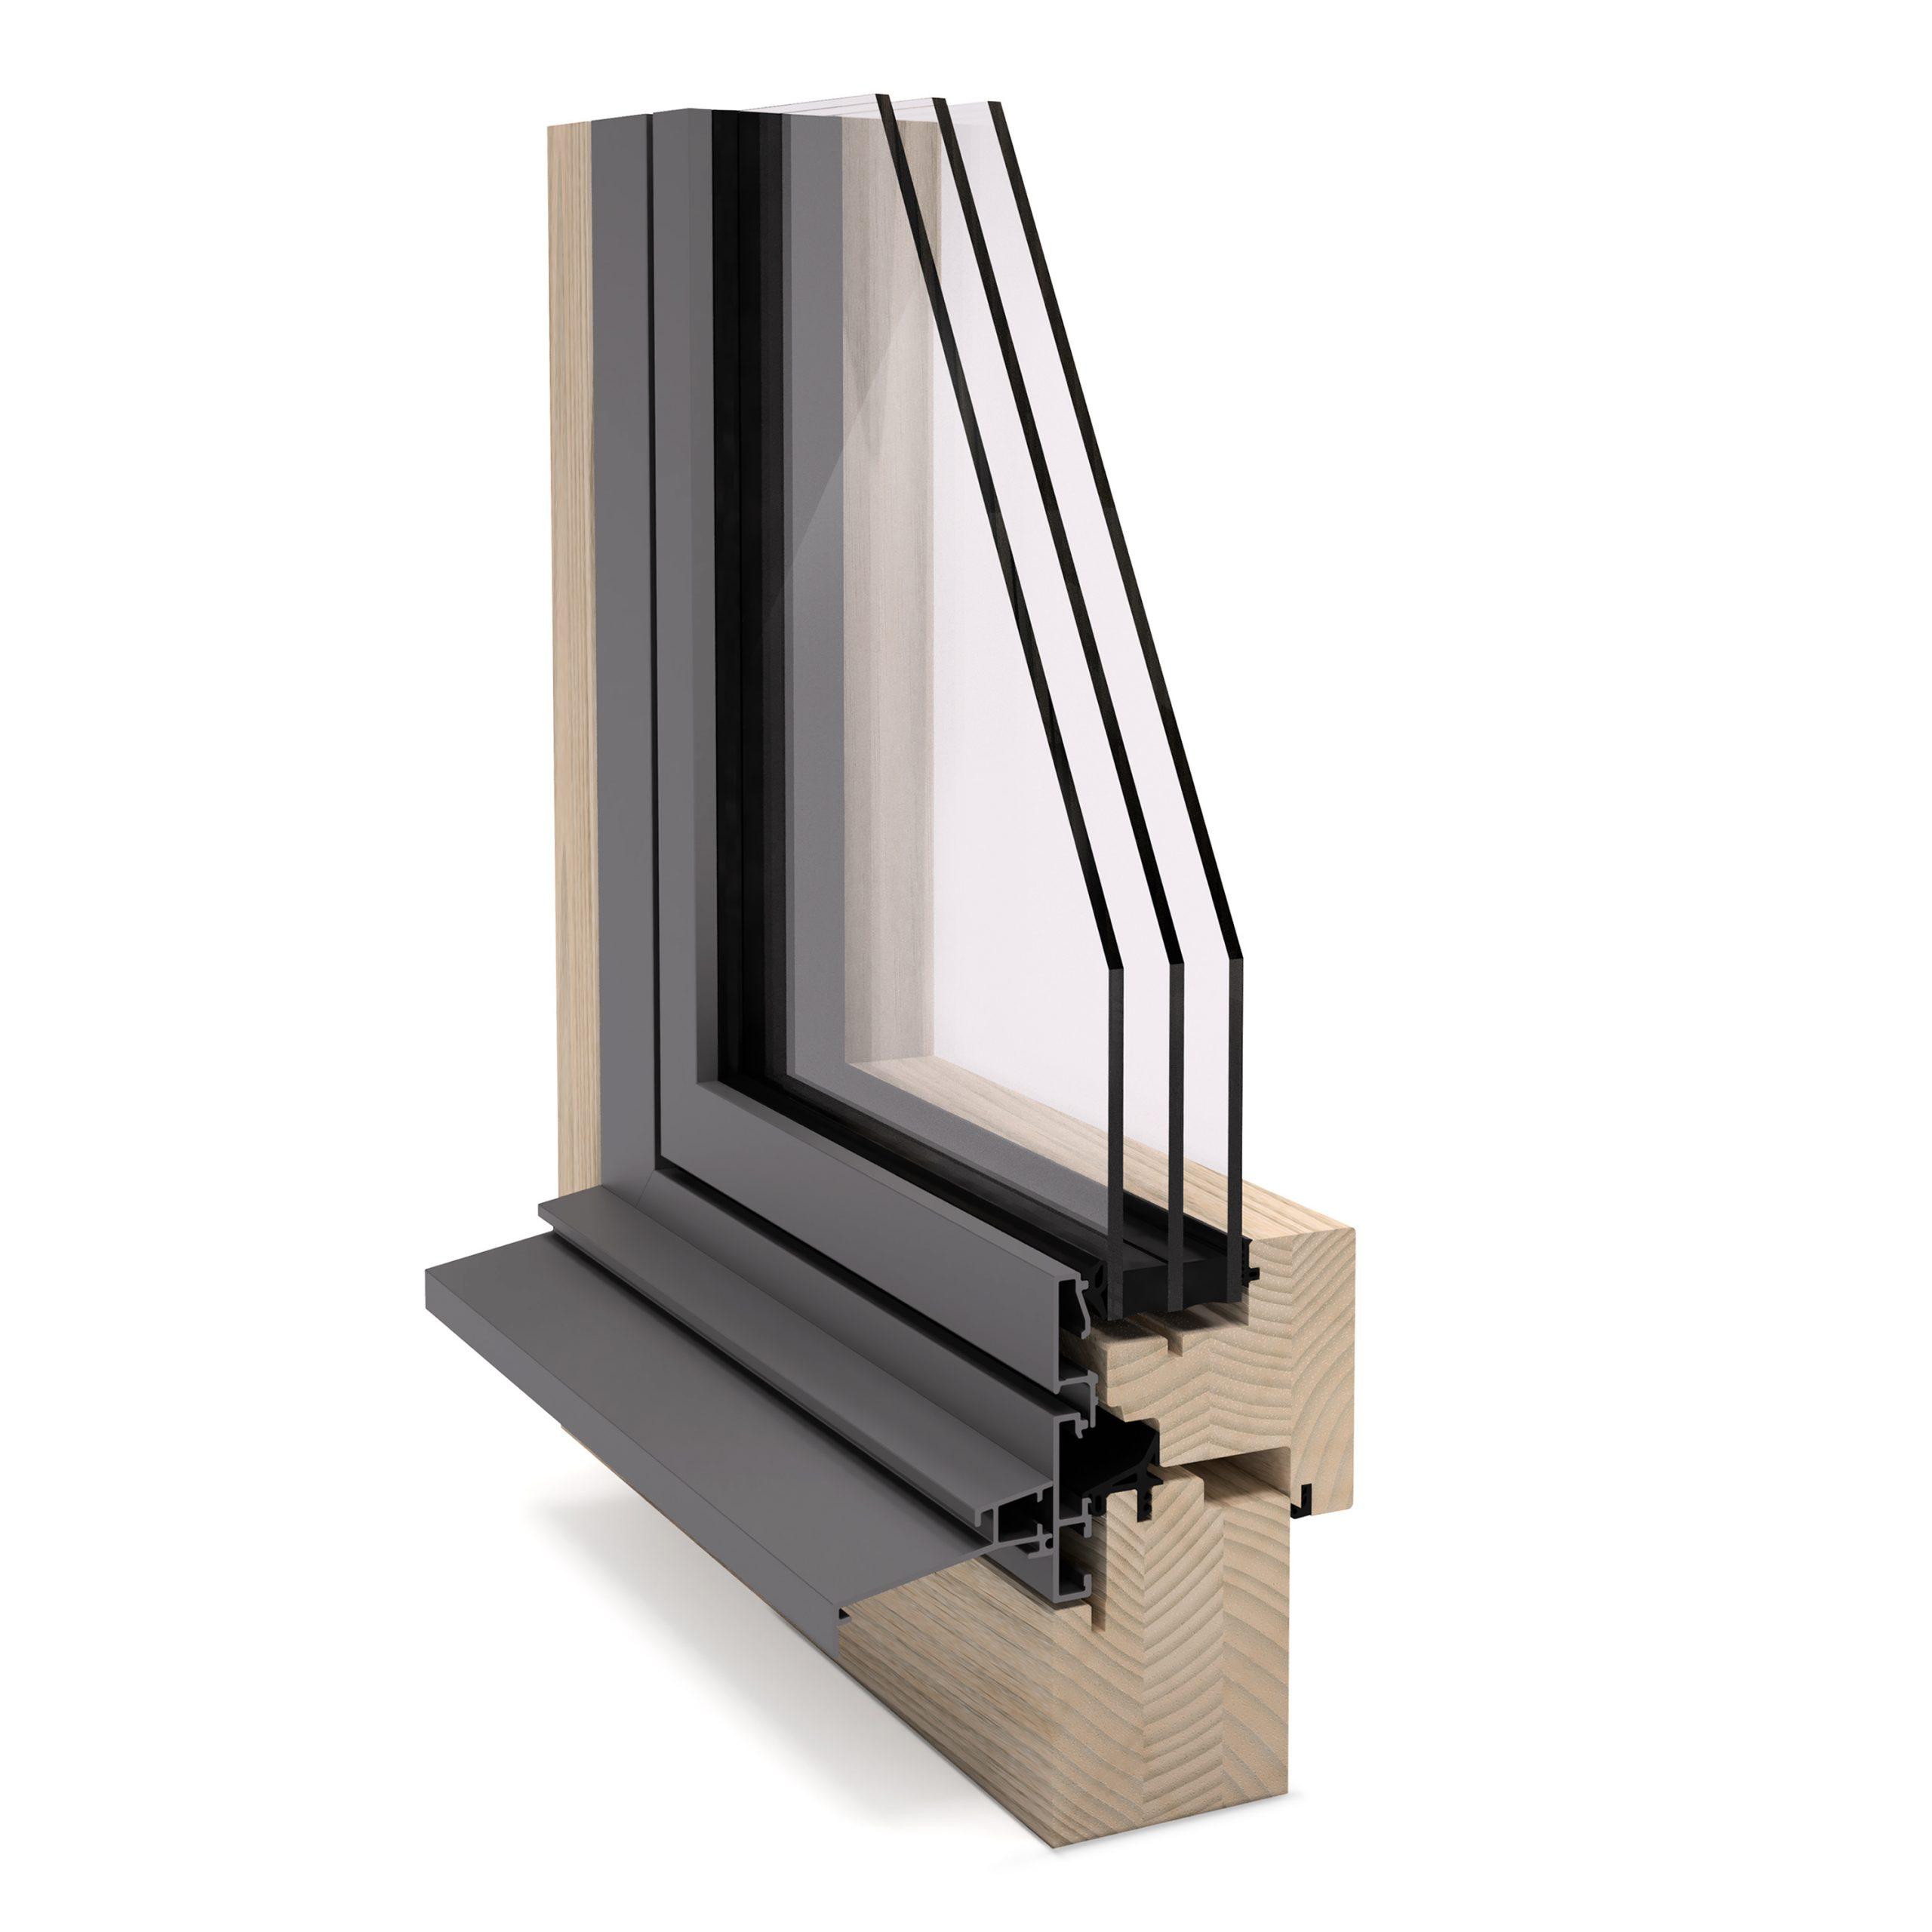 Full Size of Alu Fenster Wrmegedmmte Fenstersysteme Aus Stahl Rahmenlose Veka Rc3 Jalousie Innen Insektenschutz Ohne Bohren Internorm Preise Insektenschutzrollo Polen Fenster Alu Fenster